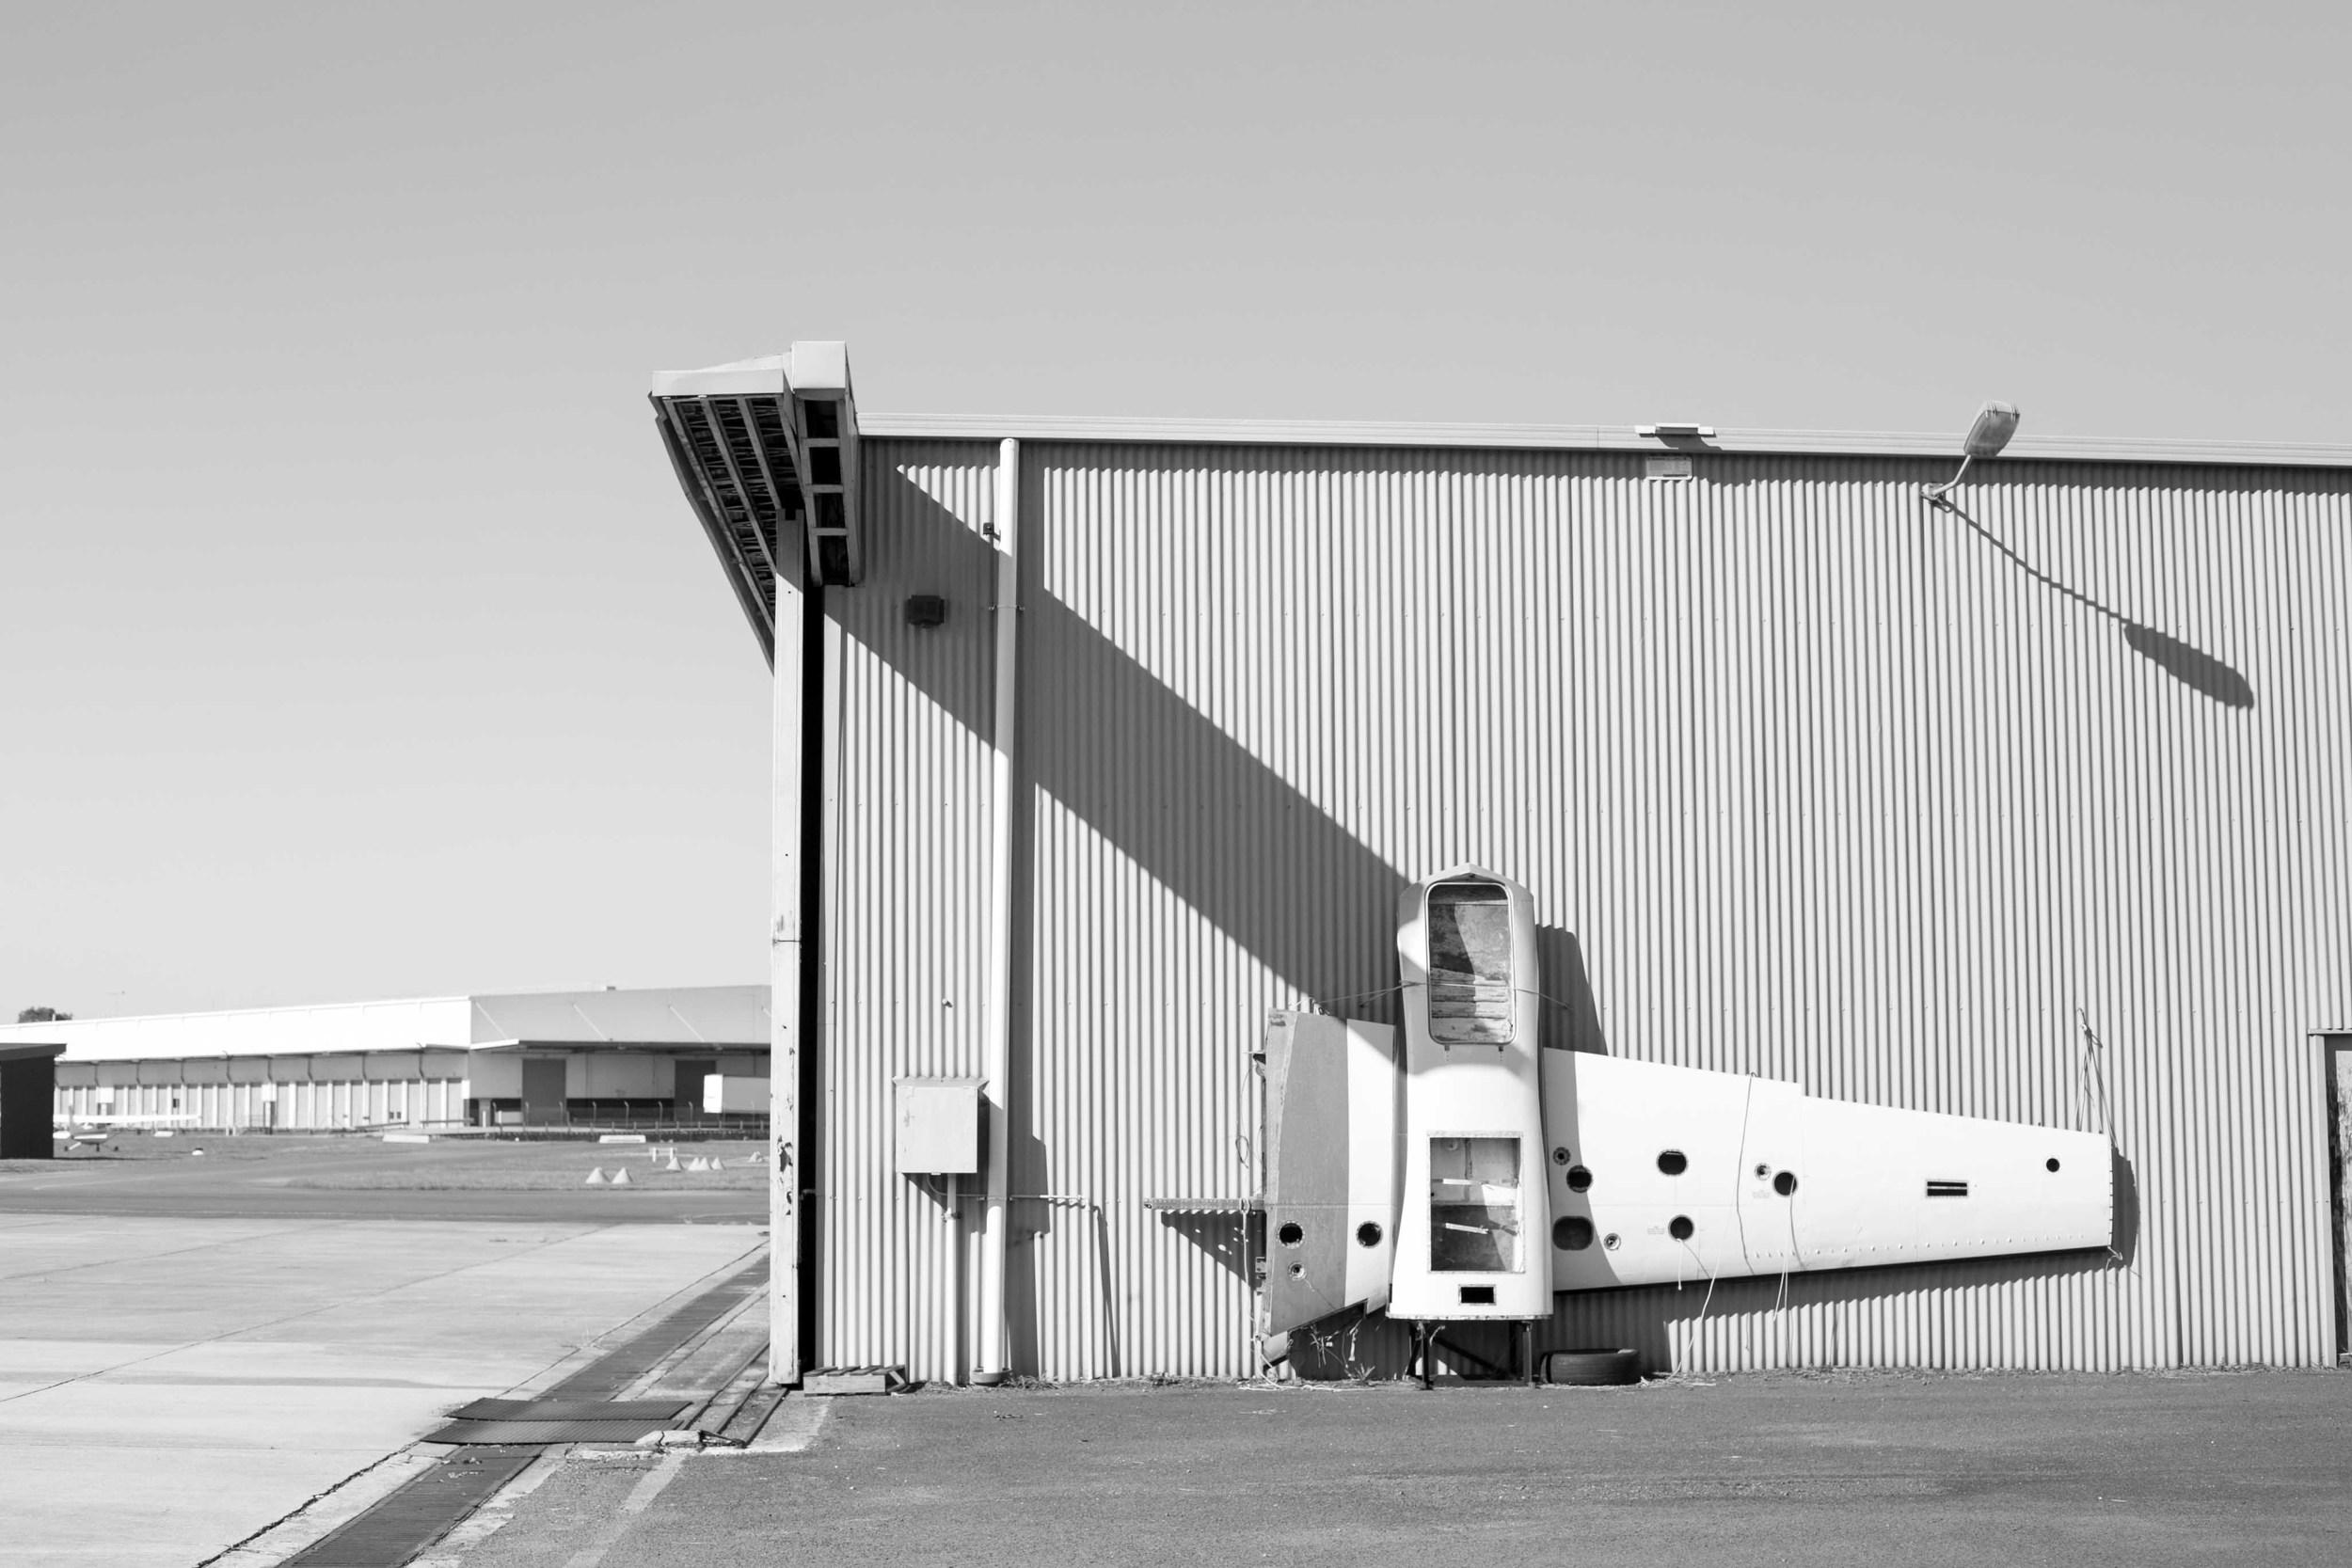 in_venus_Veritas_pilots_BANKSTOWN_AIRPORT-39.jpg